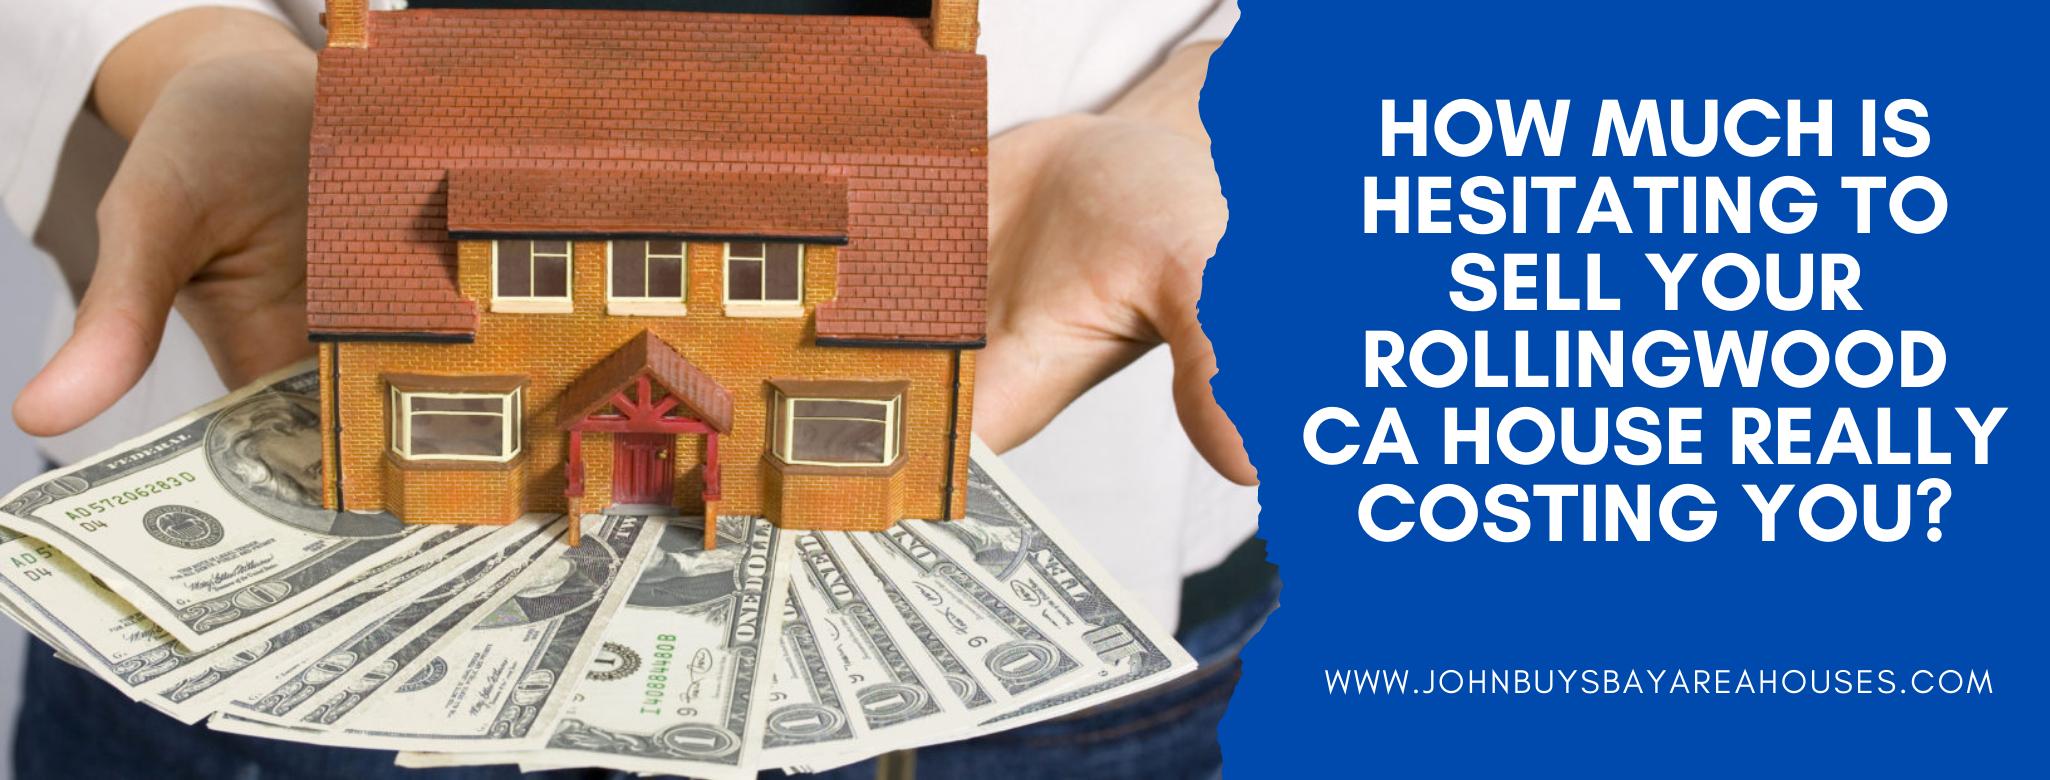 We buy properties in Rollingwood CA